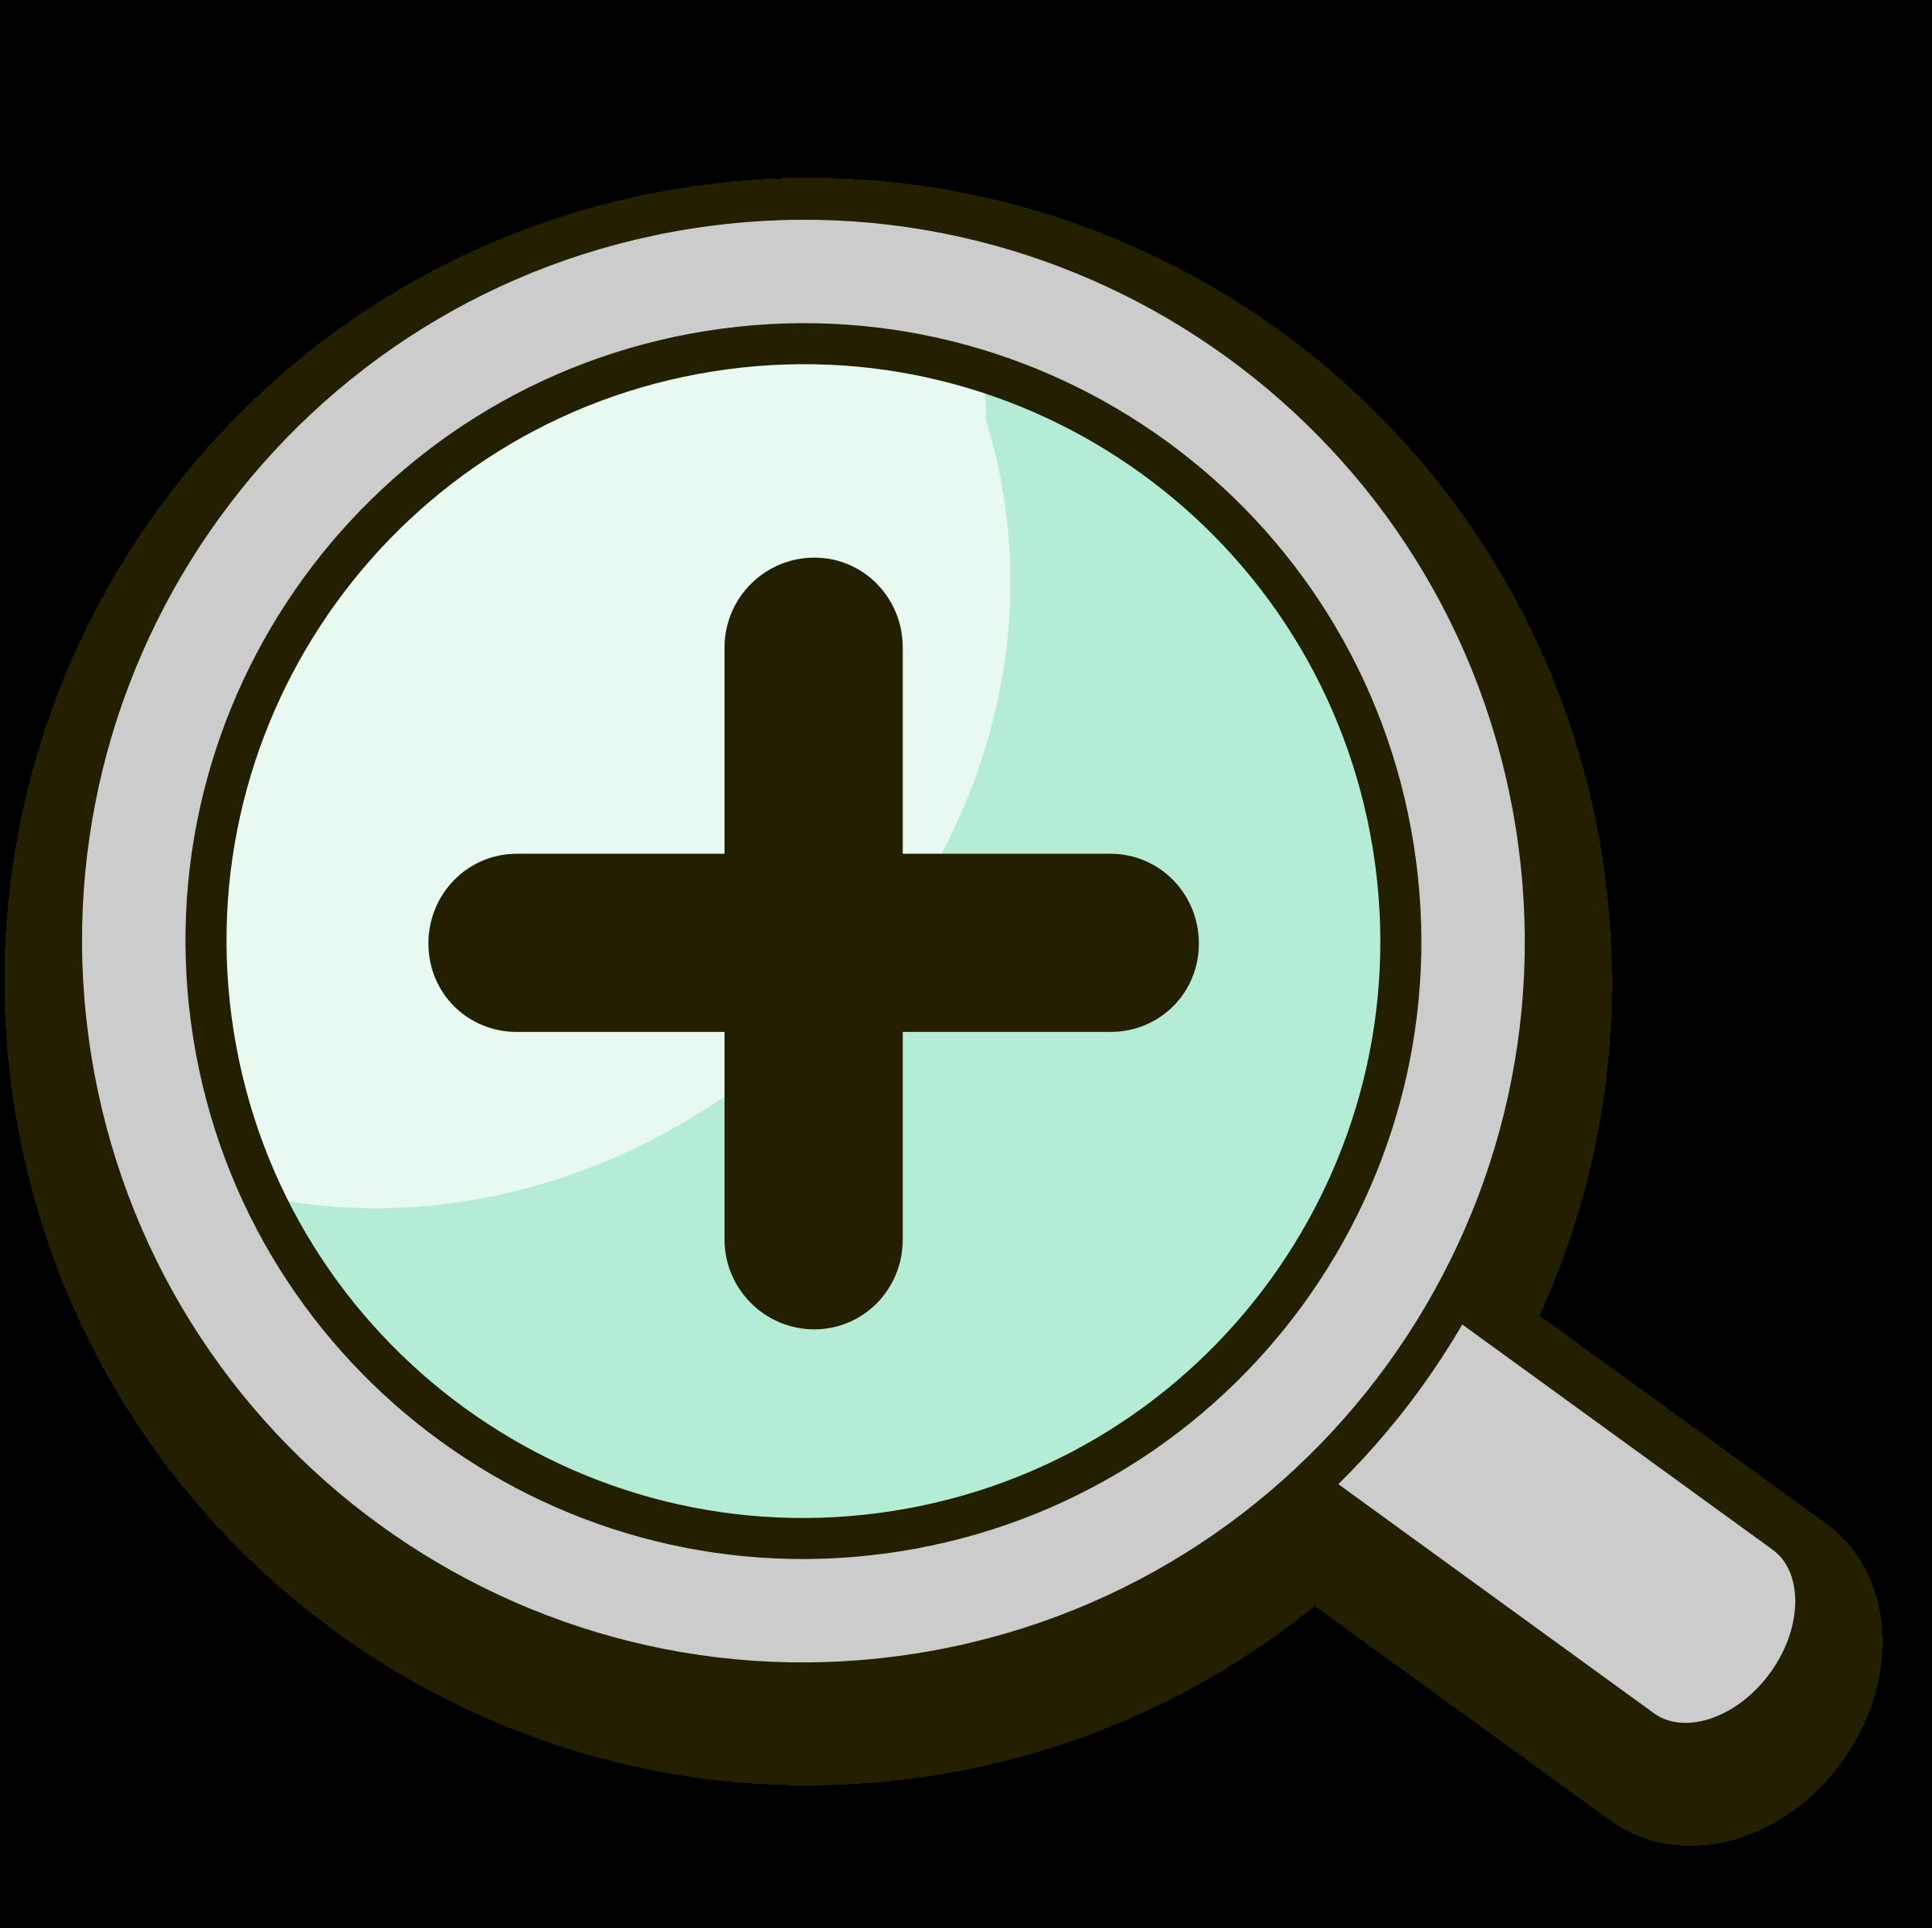 Clipart - Make image bigger icon